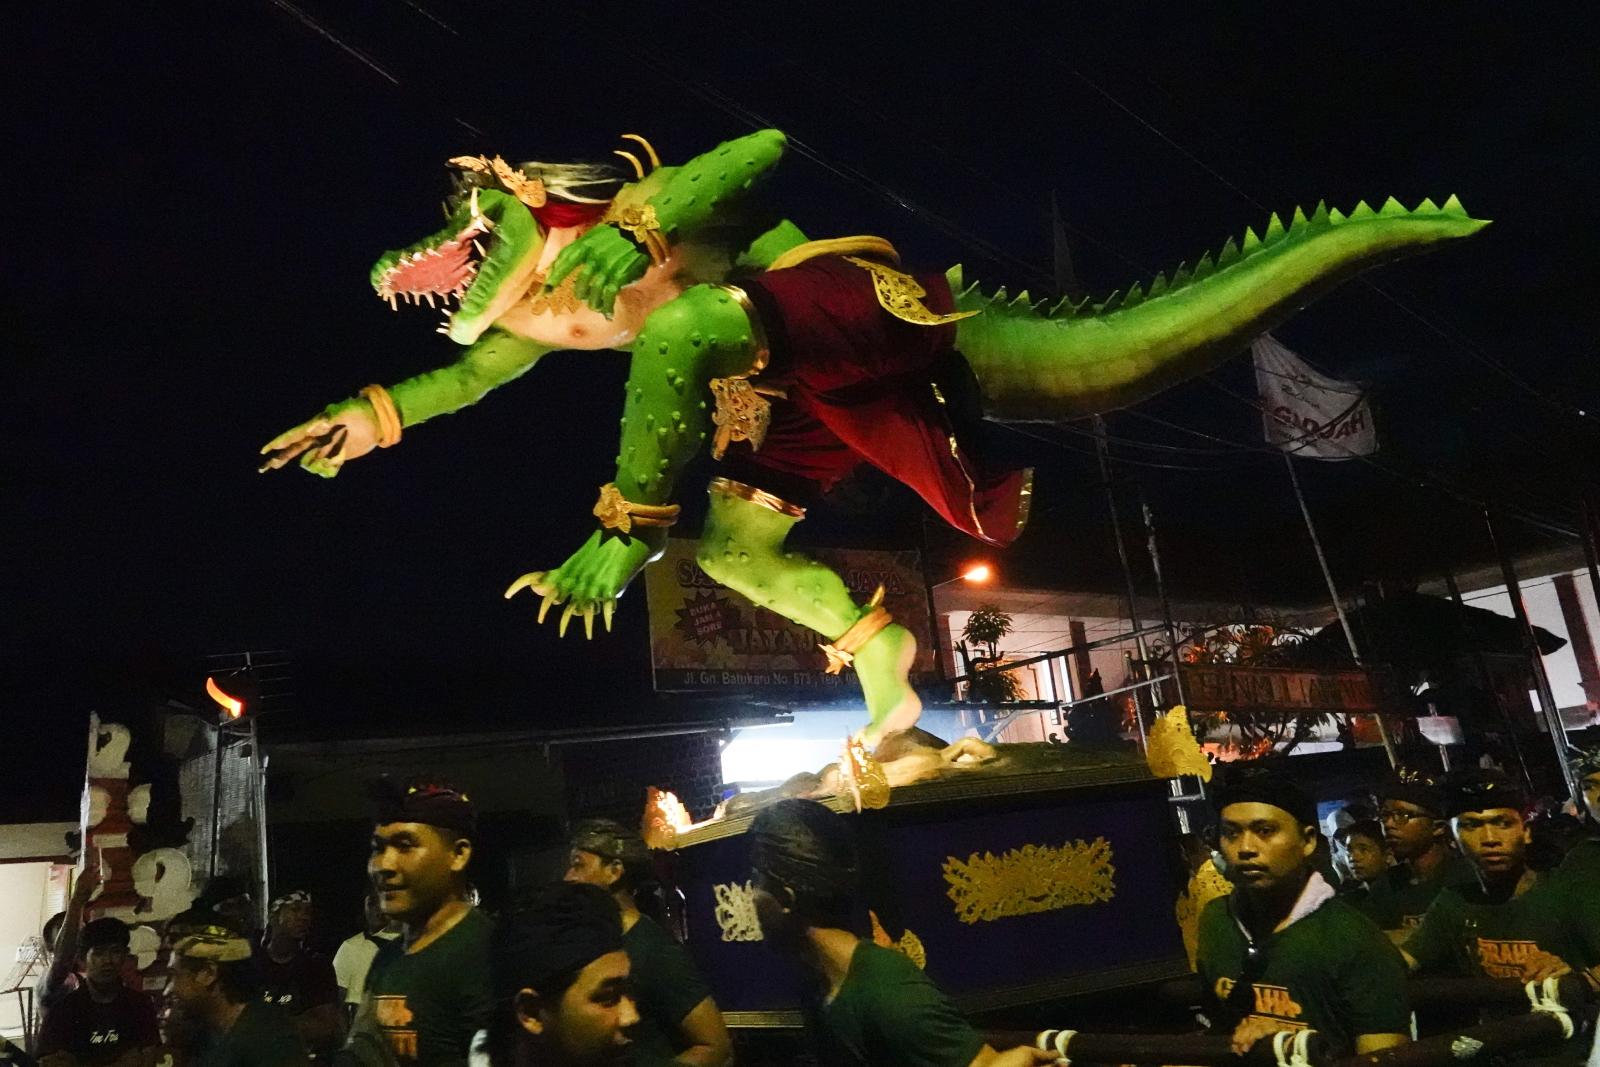 Obchody hinduskiego nowego roku na indonezyjskiej wyspie Bali. Fot. PAP/EPA/MADE NAGI